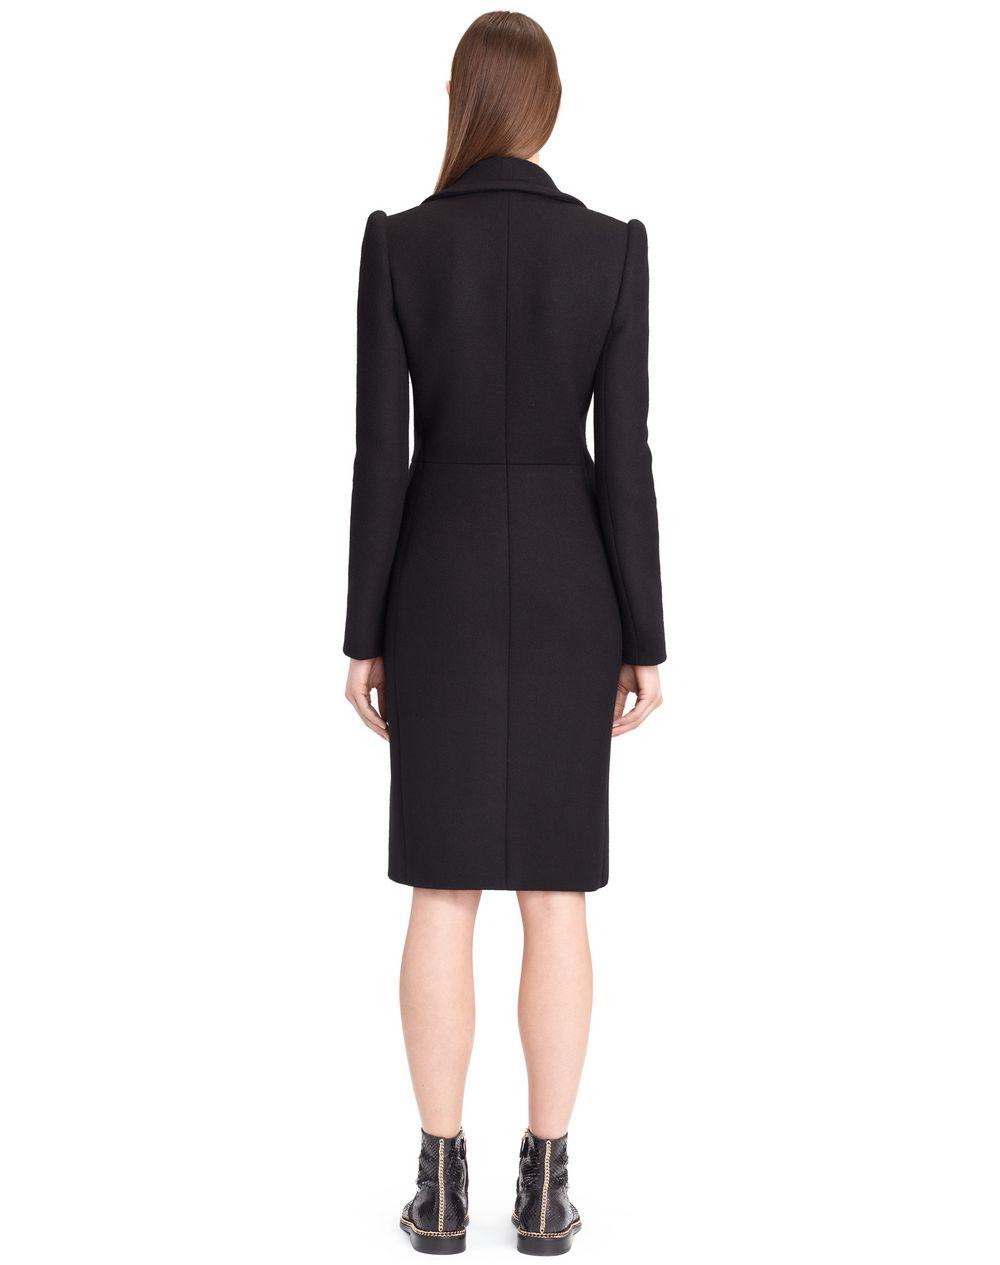 WOOL CLOTH COAT - Lanvin